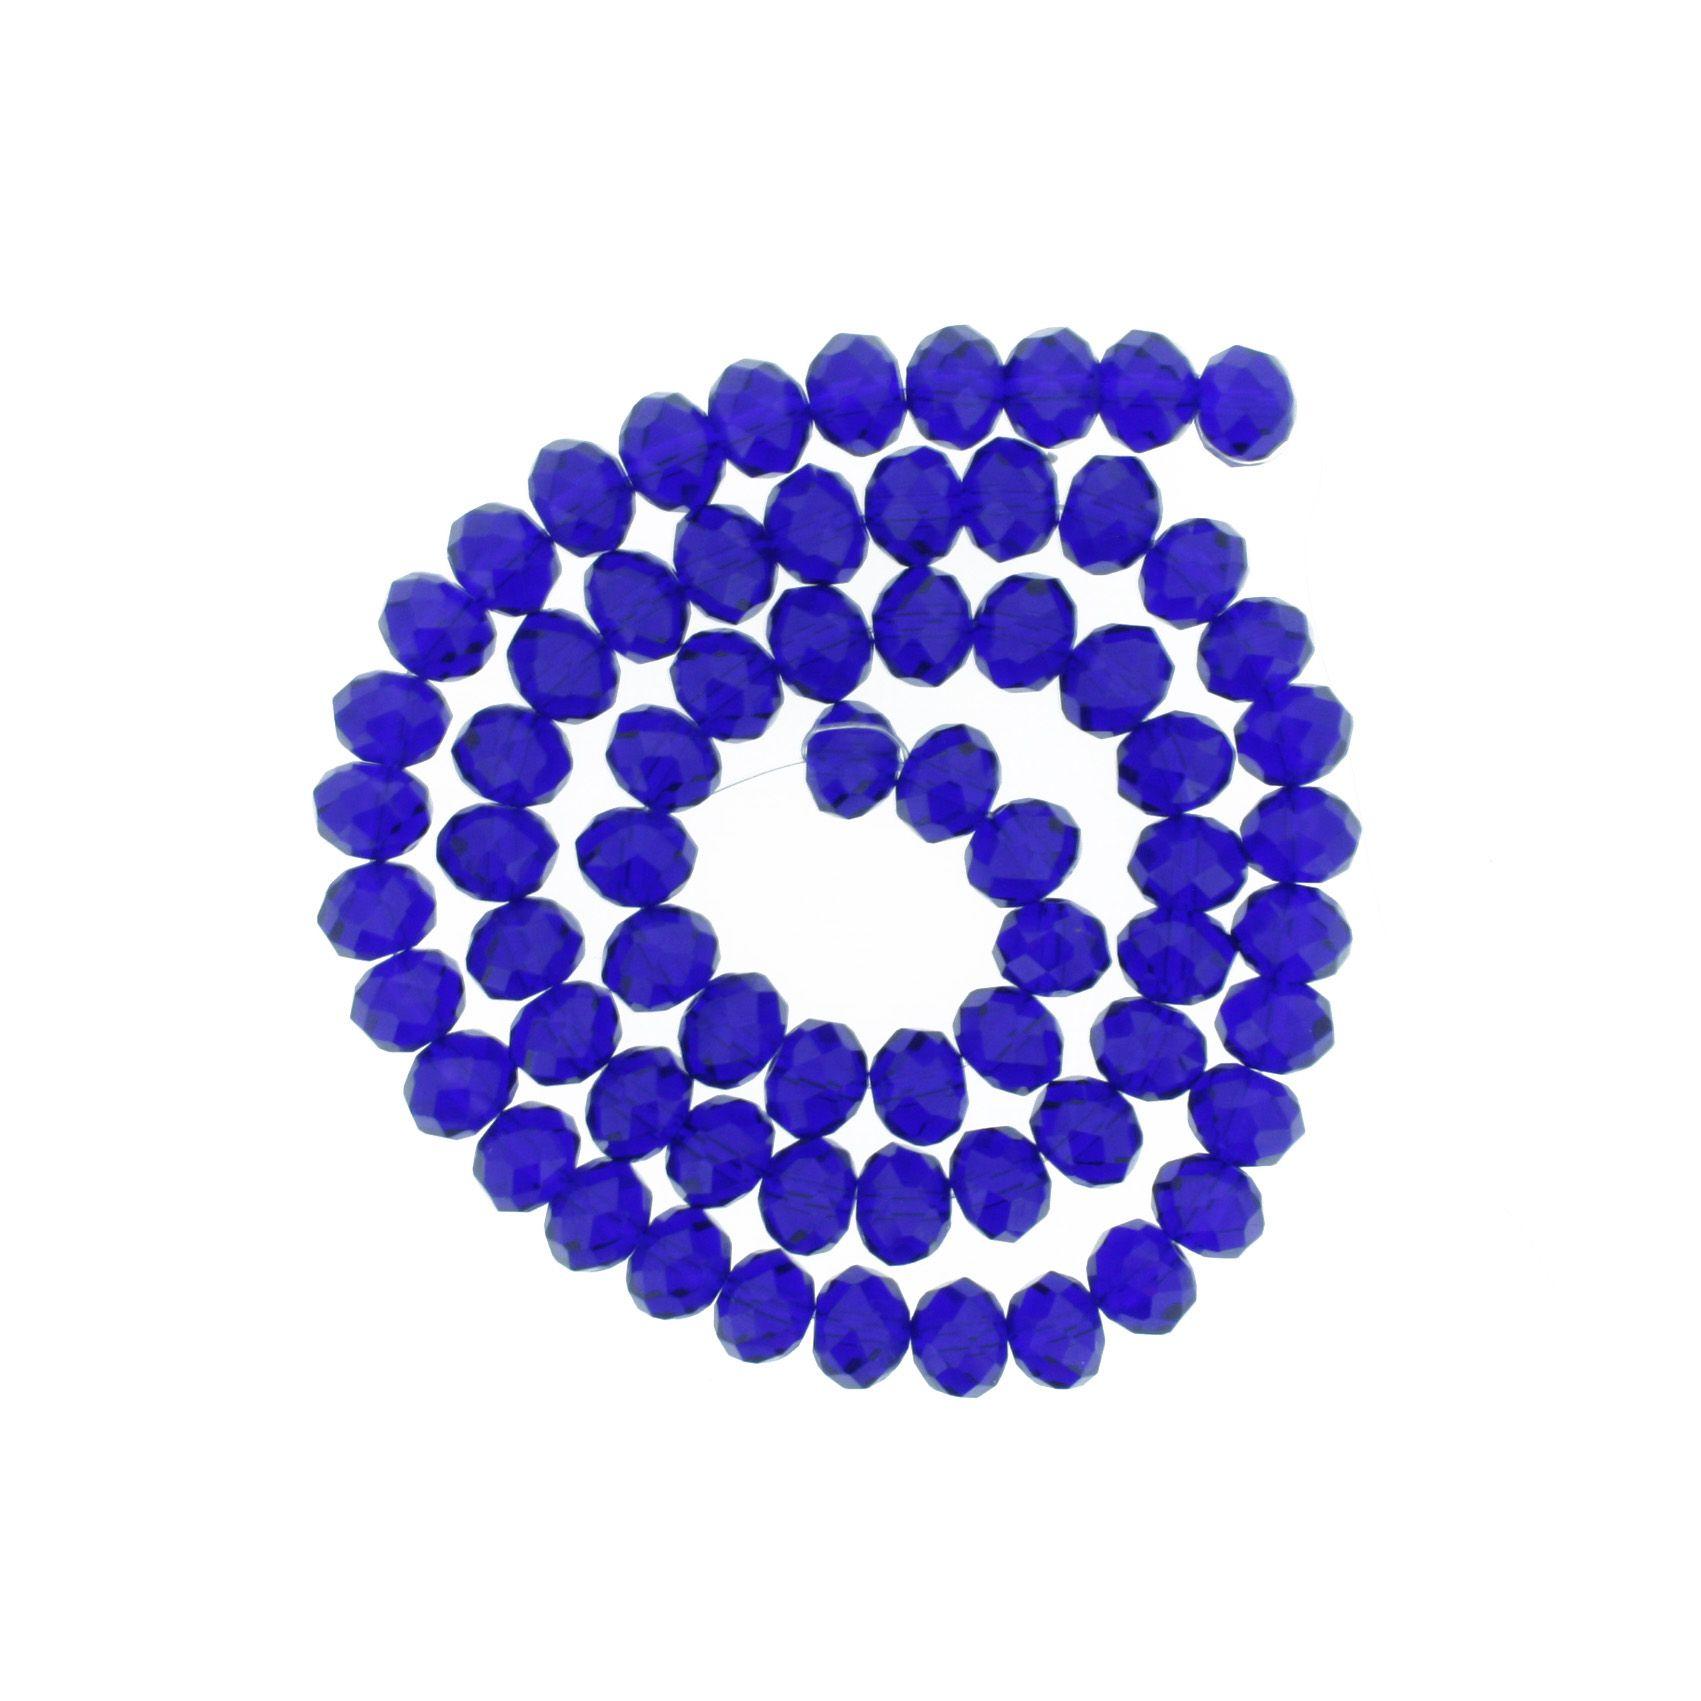 Fio de Cristal - Piatto® - Azul Royal Transparente - 10mm  - Universo Religioso® - Artigos de Umbanda e Candomblé